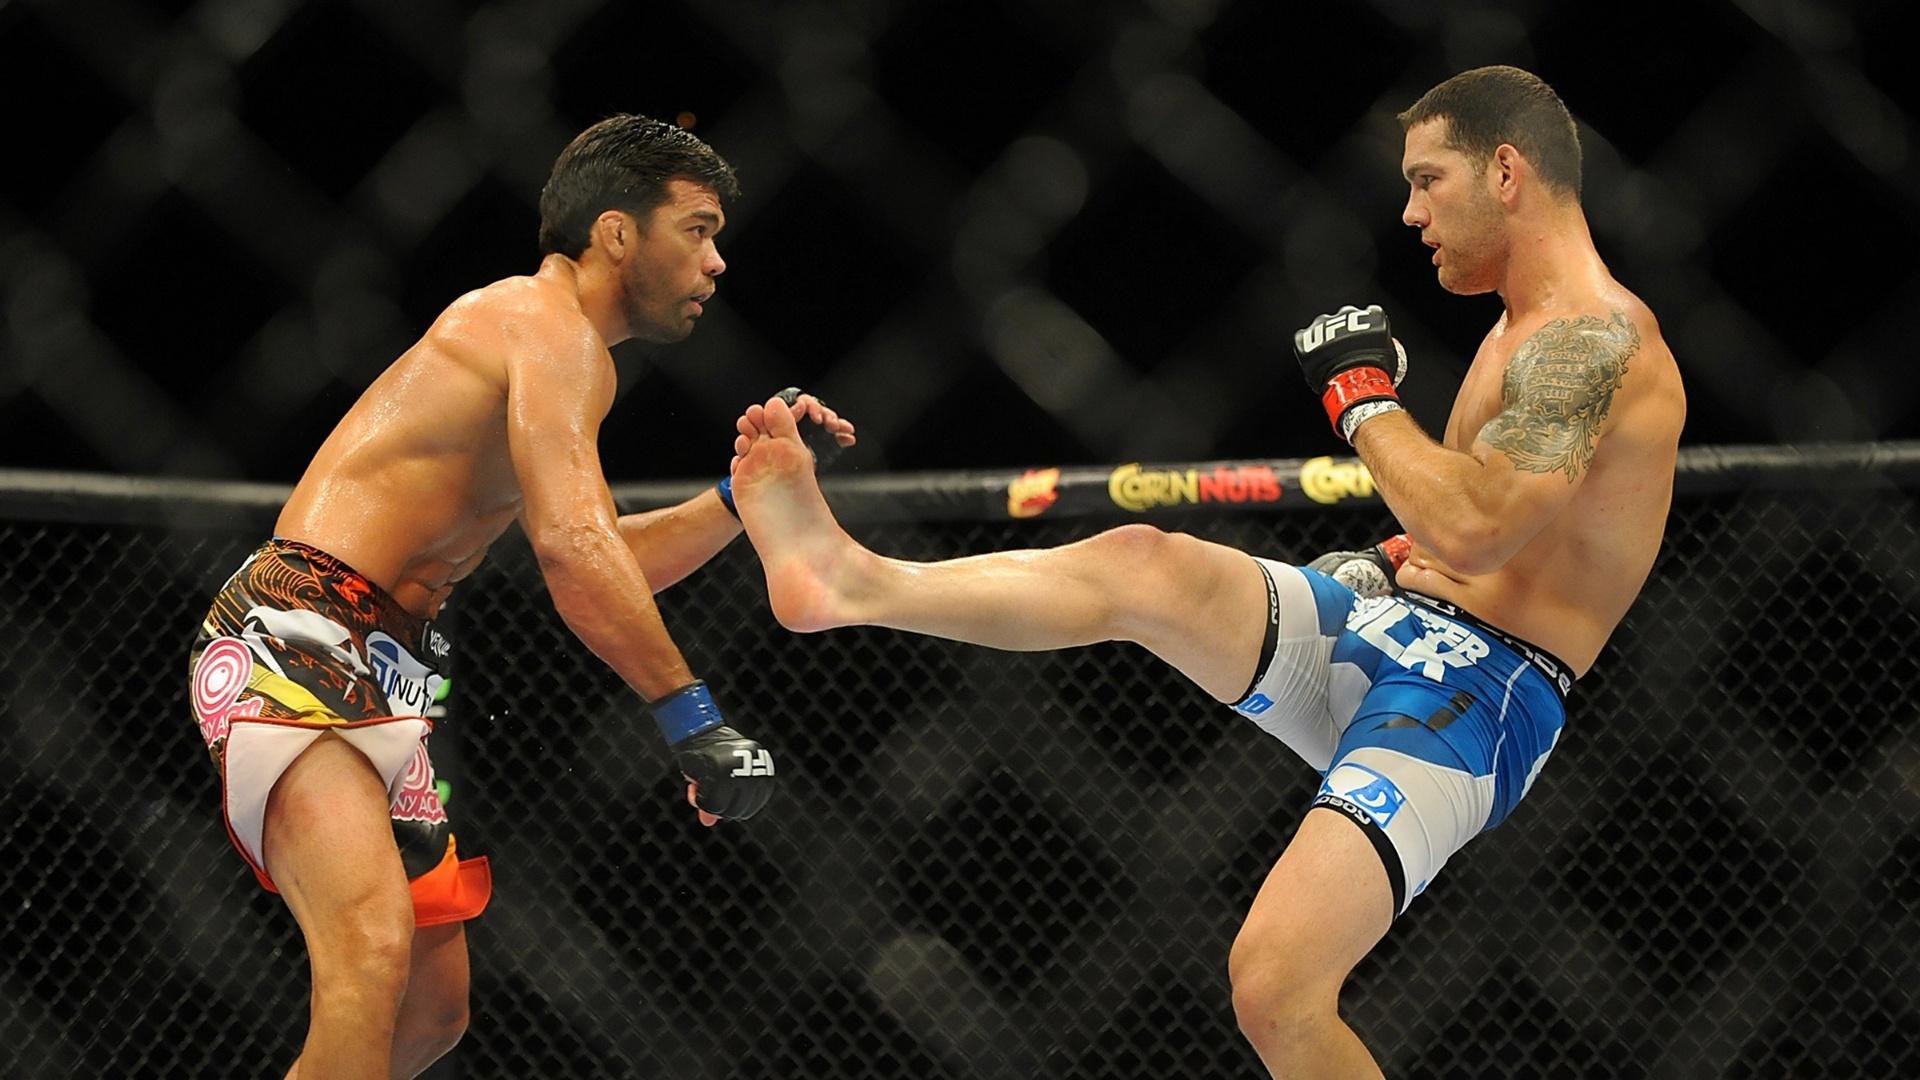 05.jul.2014 - Americano Chris Weidman (direita) vence o brasileiro Lyoto Machida e mantém o cinturão do peso médio, no UFC 175